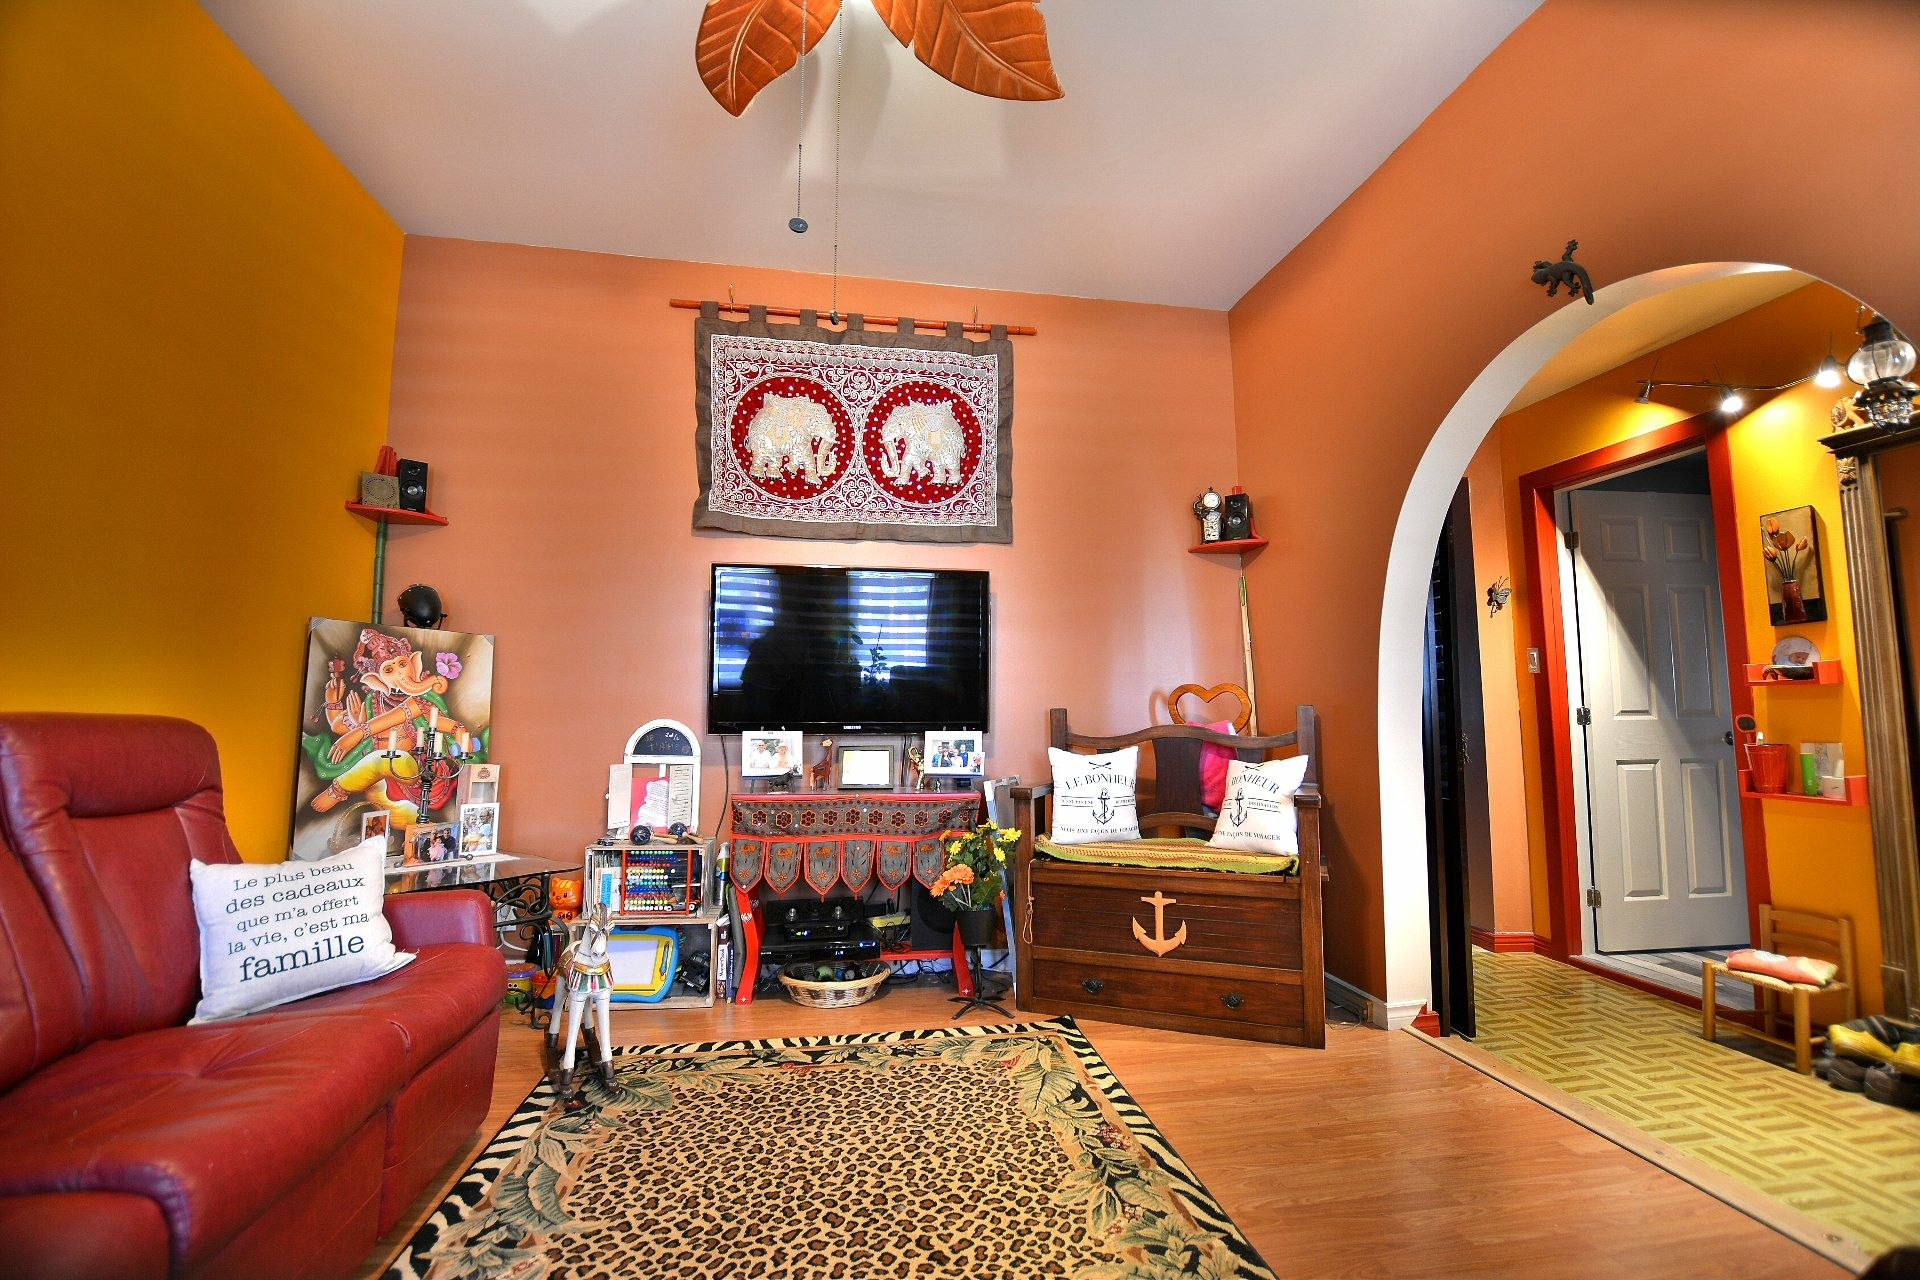 image 25 - House For sale Montréal Lachine  - 5 rooms